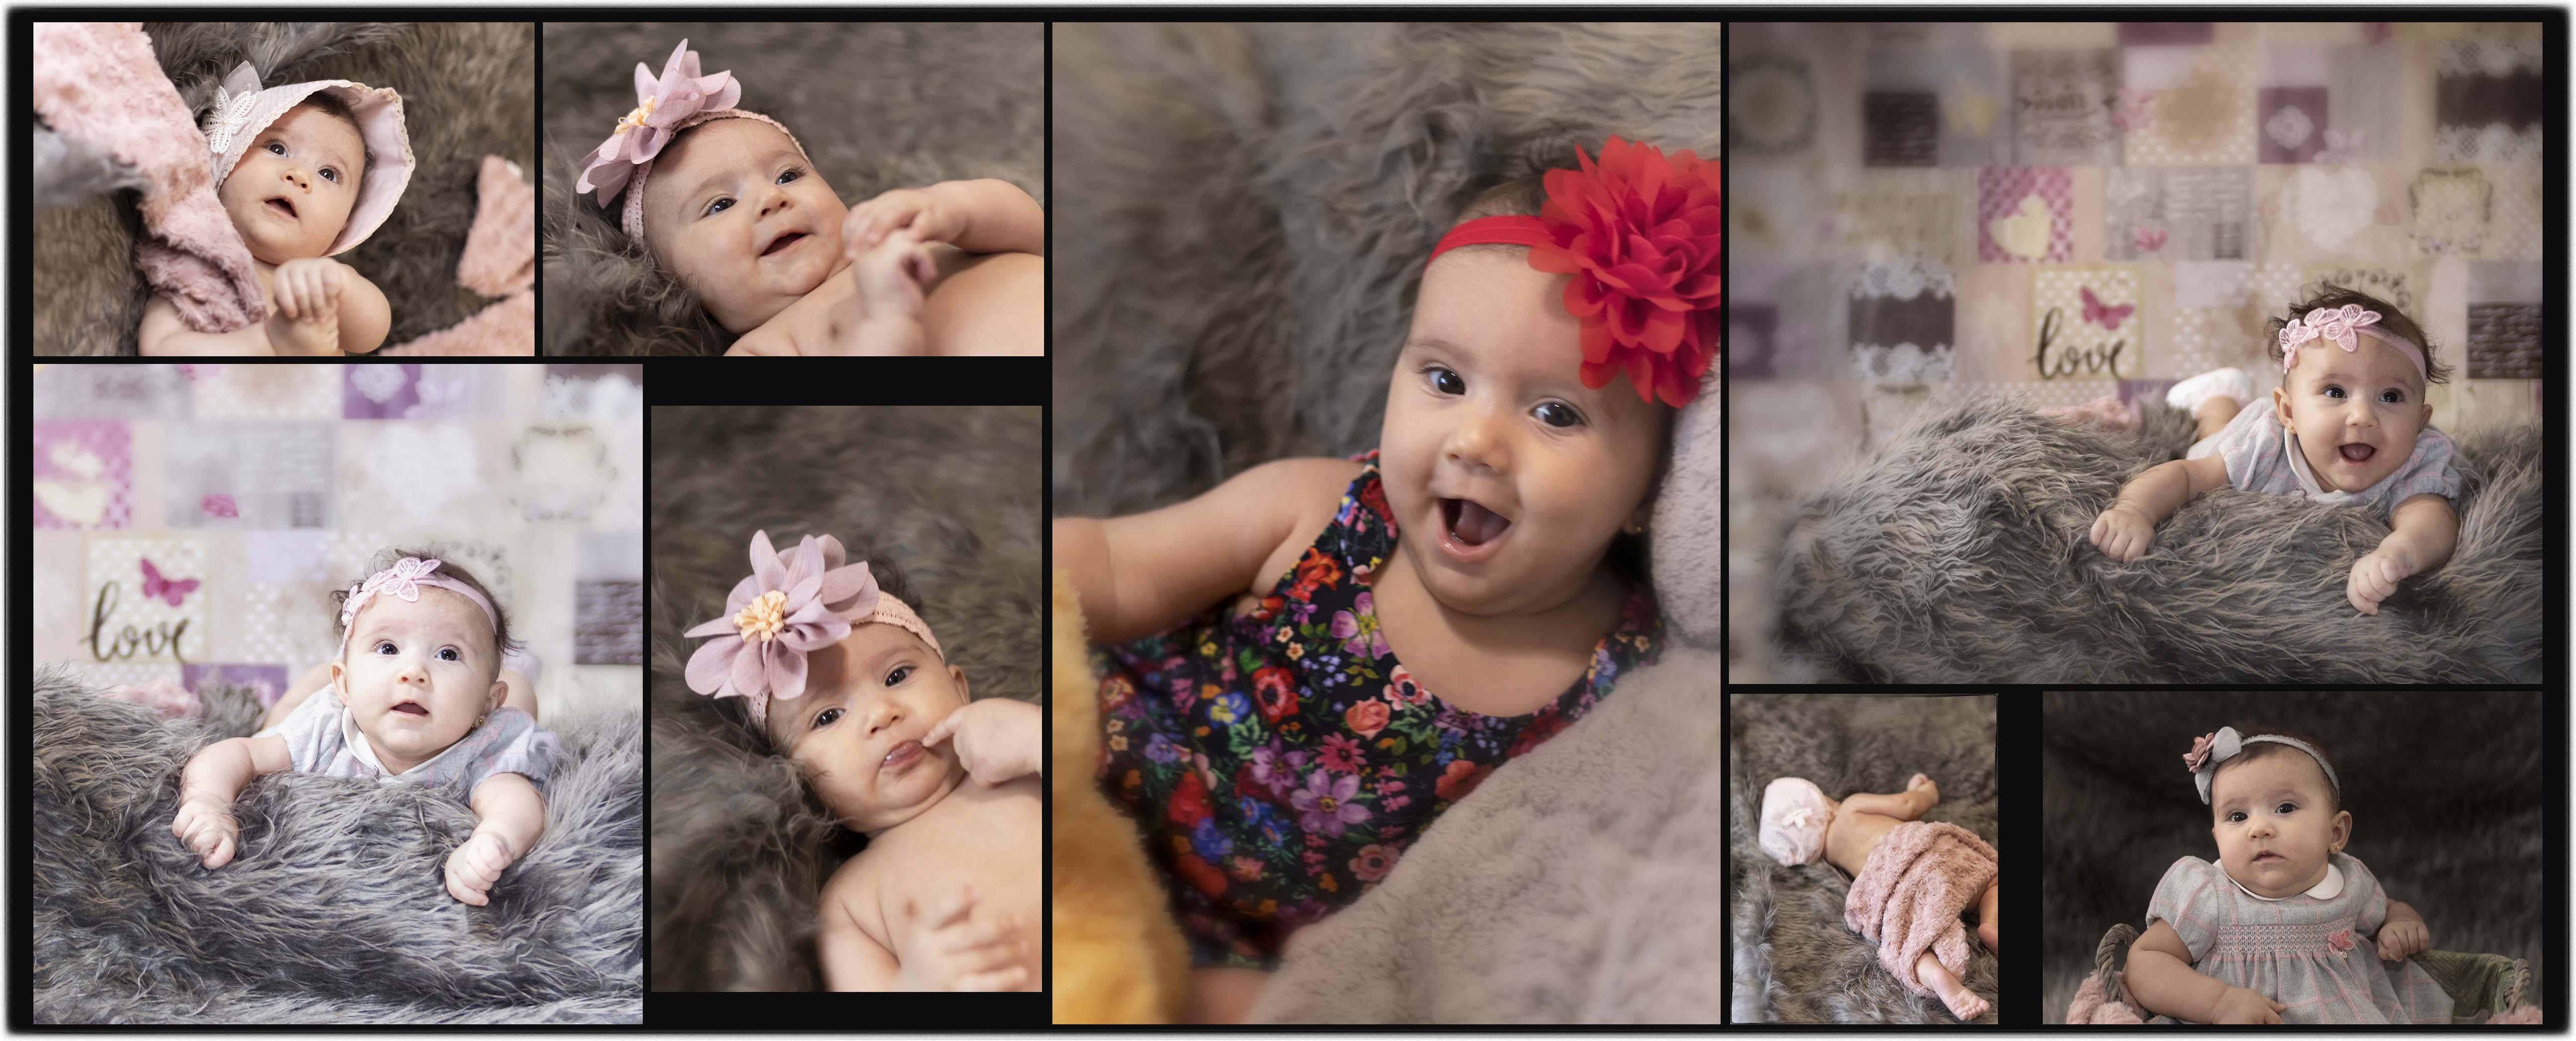 fotos de los peques, bebes y recien nacidos, fotos chulas, imagenes espectaculares de bebes, newbornd tenerife